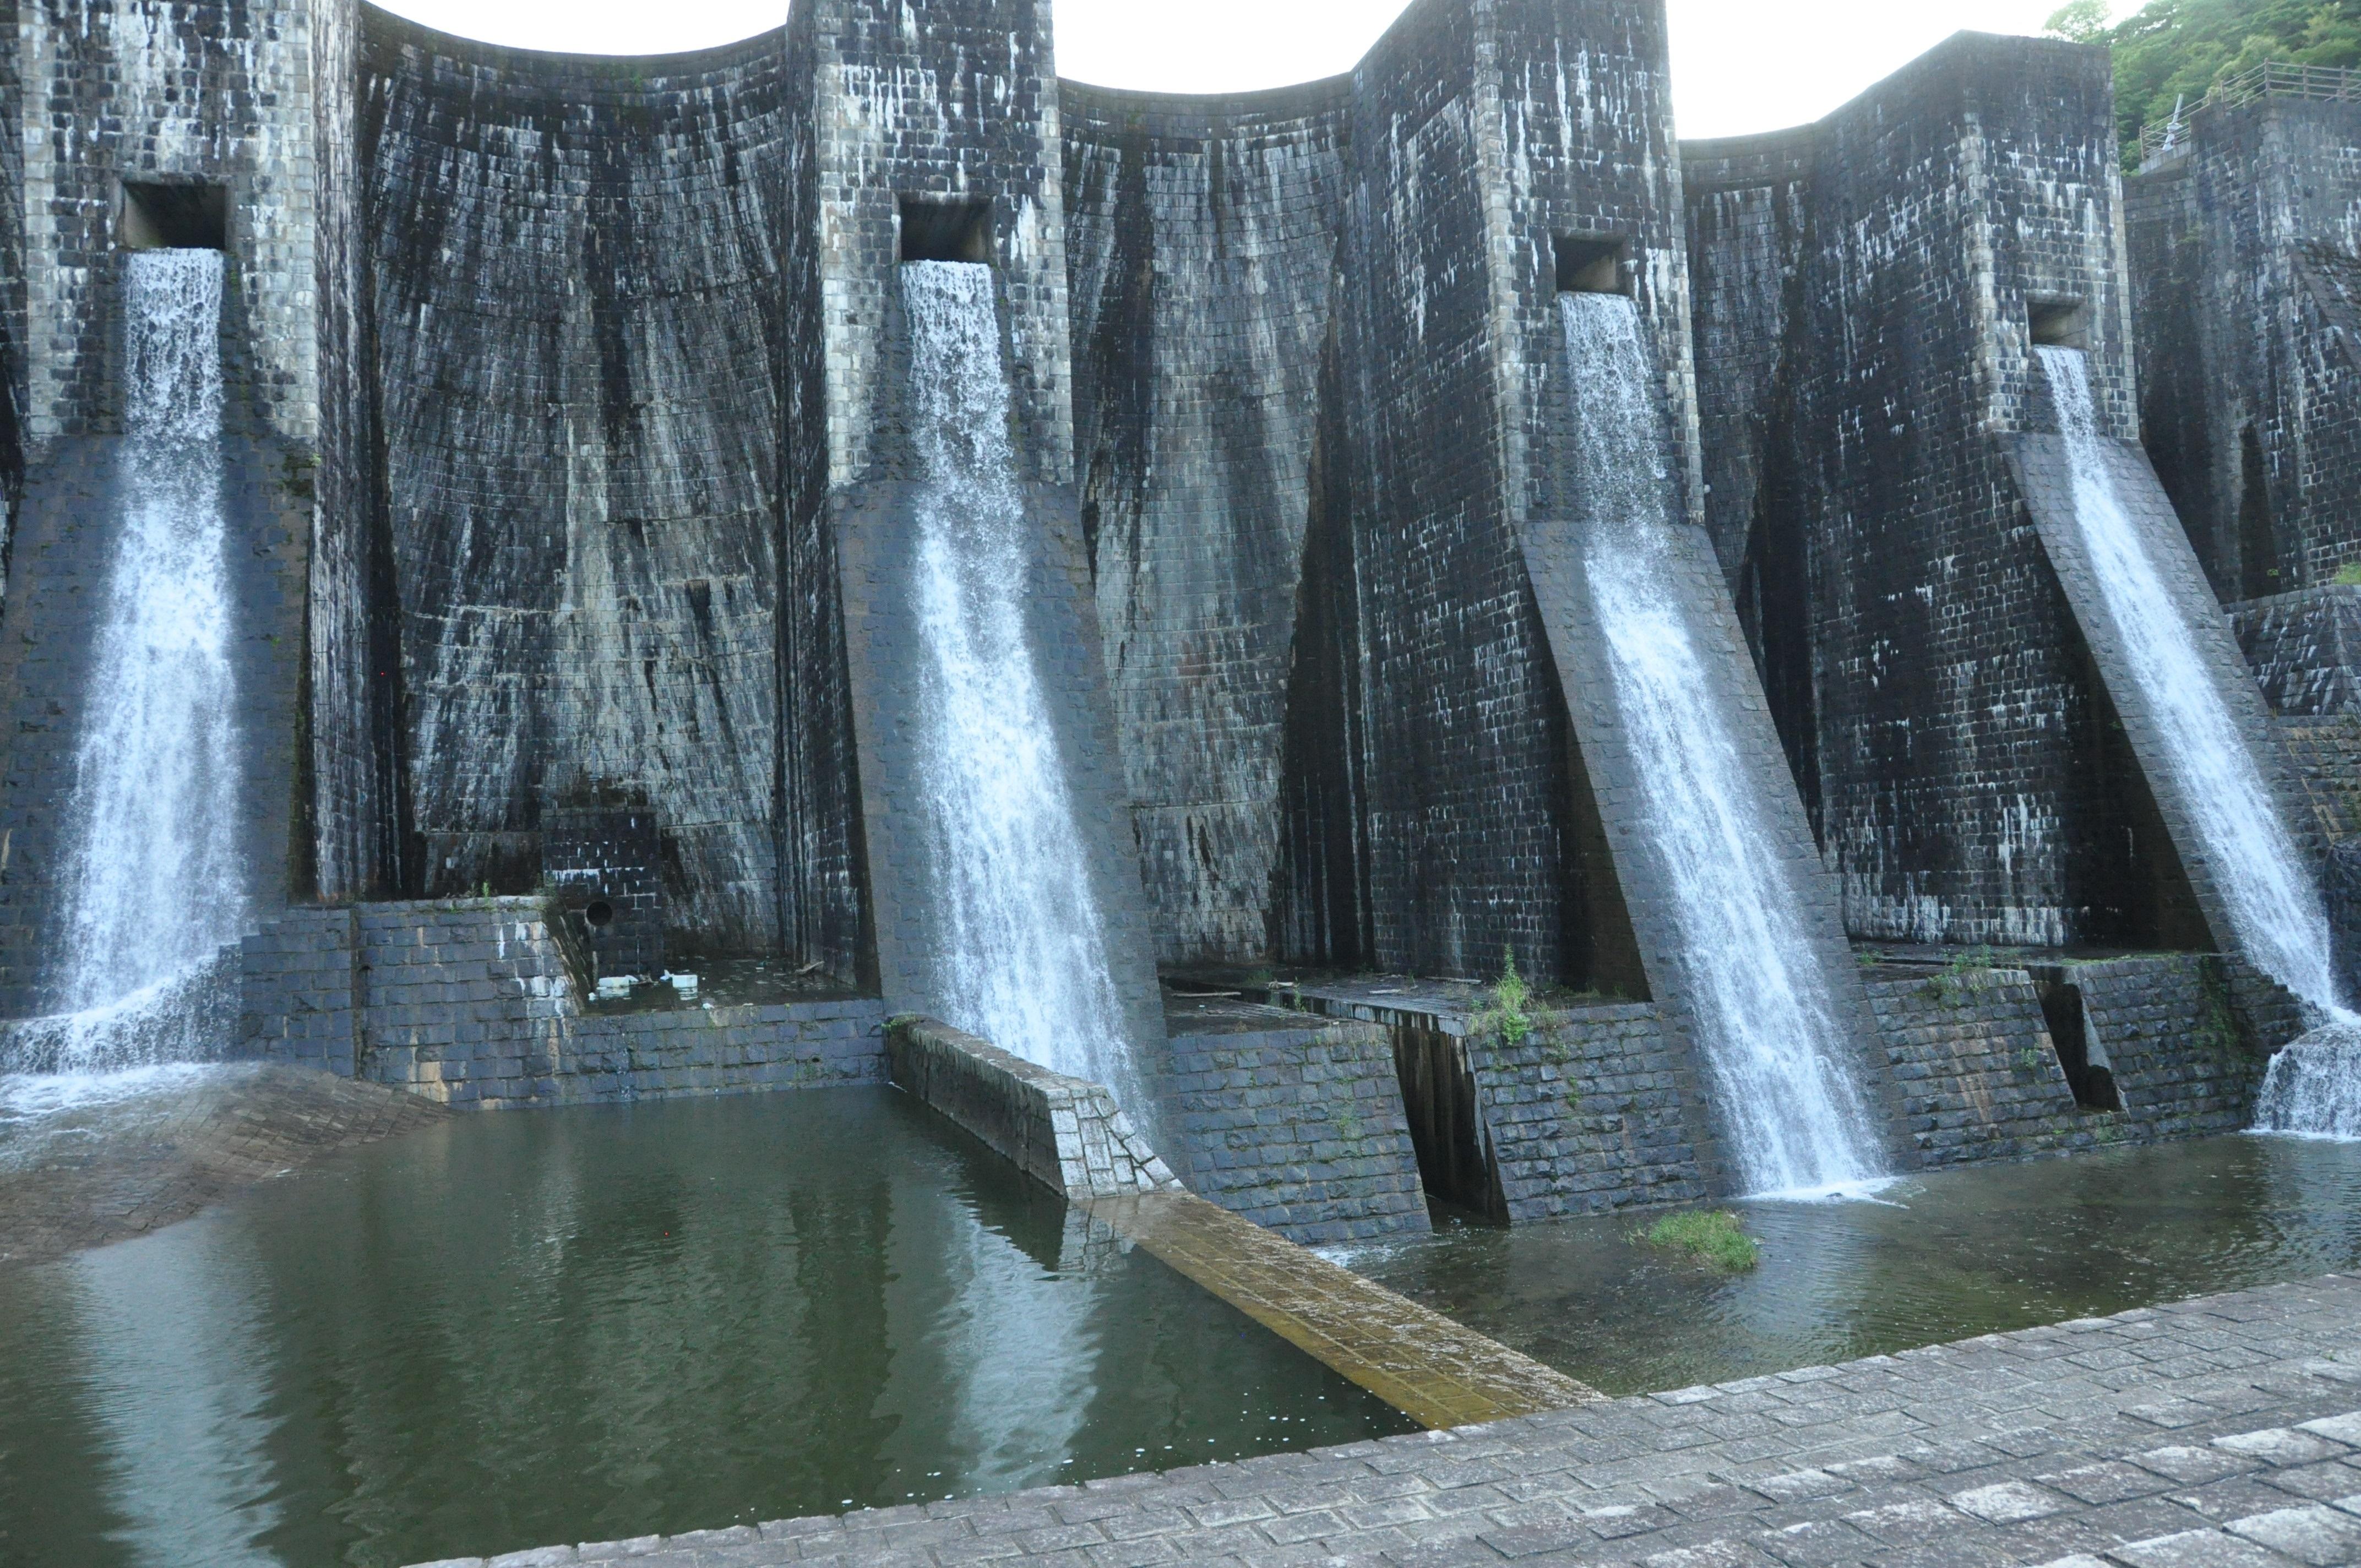 270630 四国南暁さん  香川県豊稔池ダム(日本最古の石積式ダム)